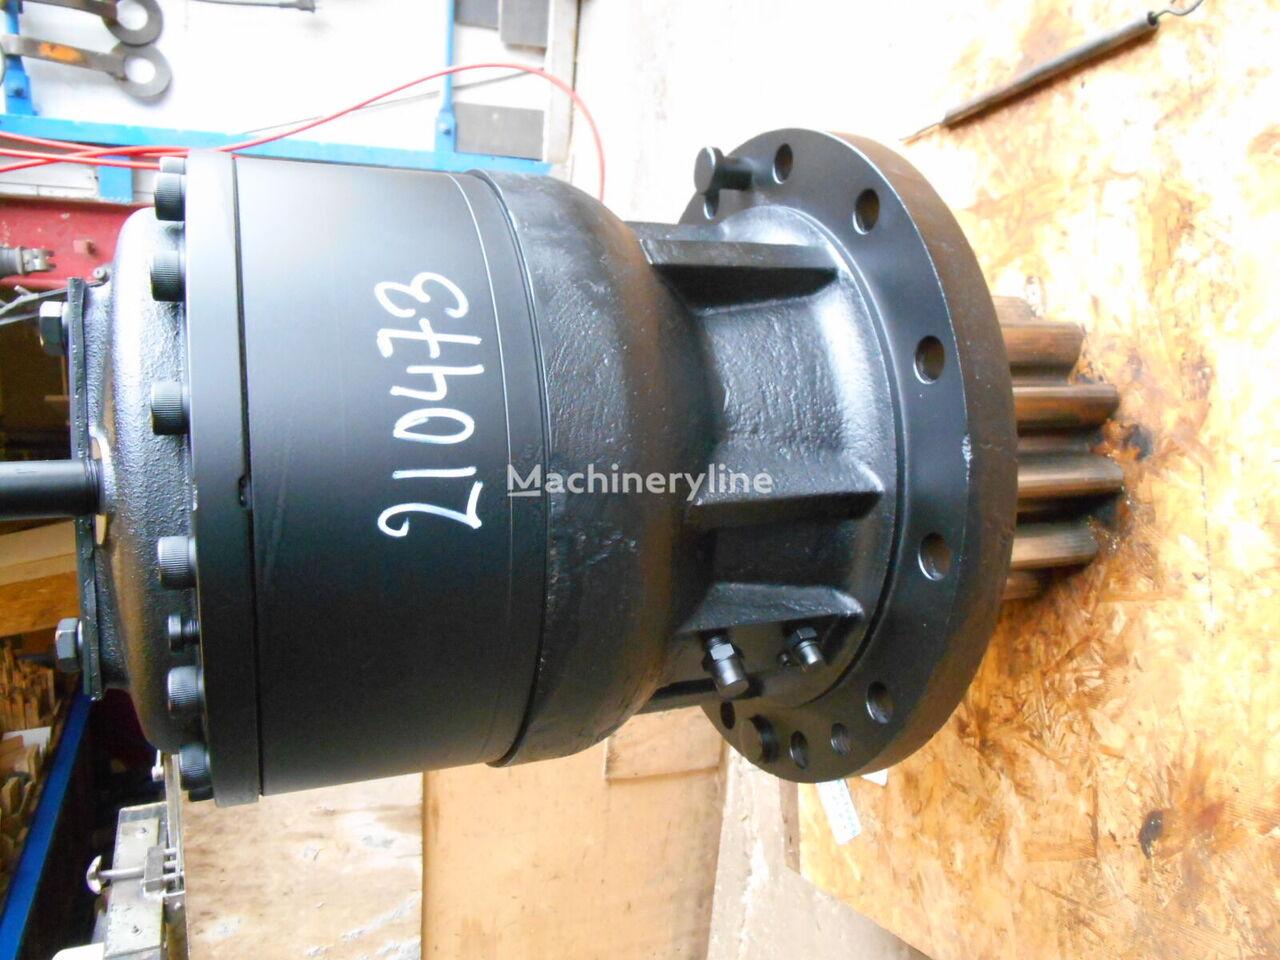 HYUNDAI 31ND-11140 swing motor voor HYUNDAI ROBEX 800LC-7 graafmachine